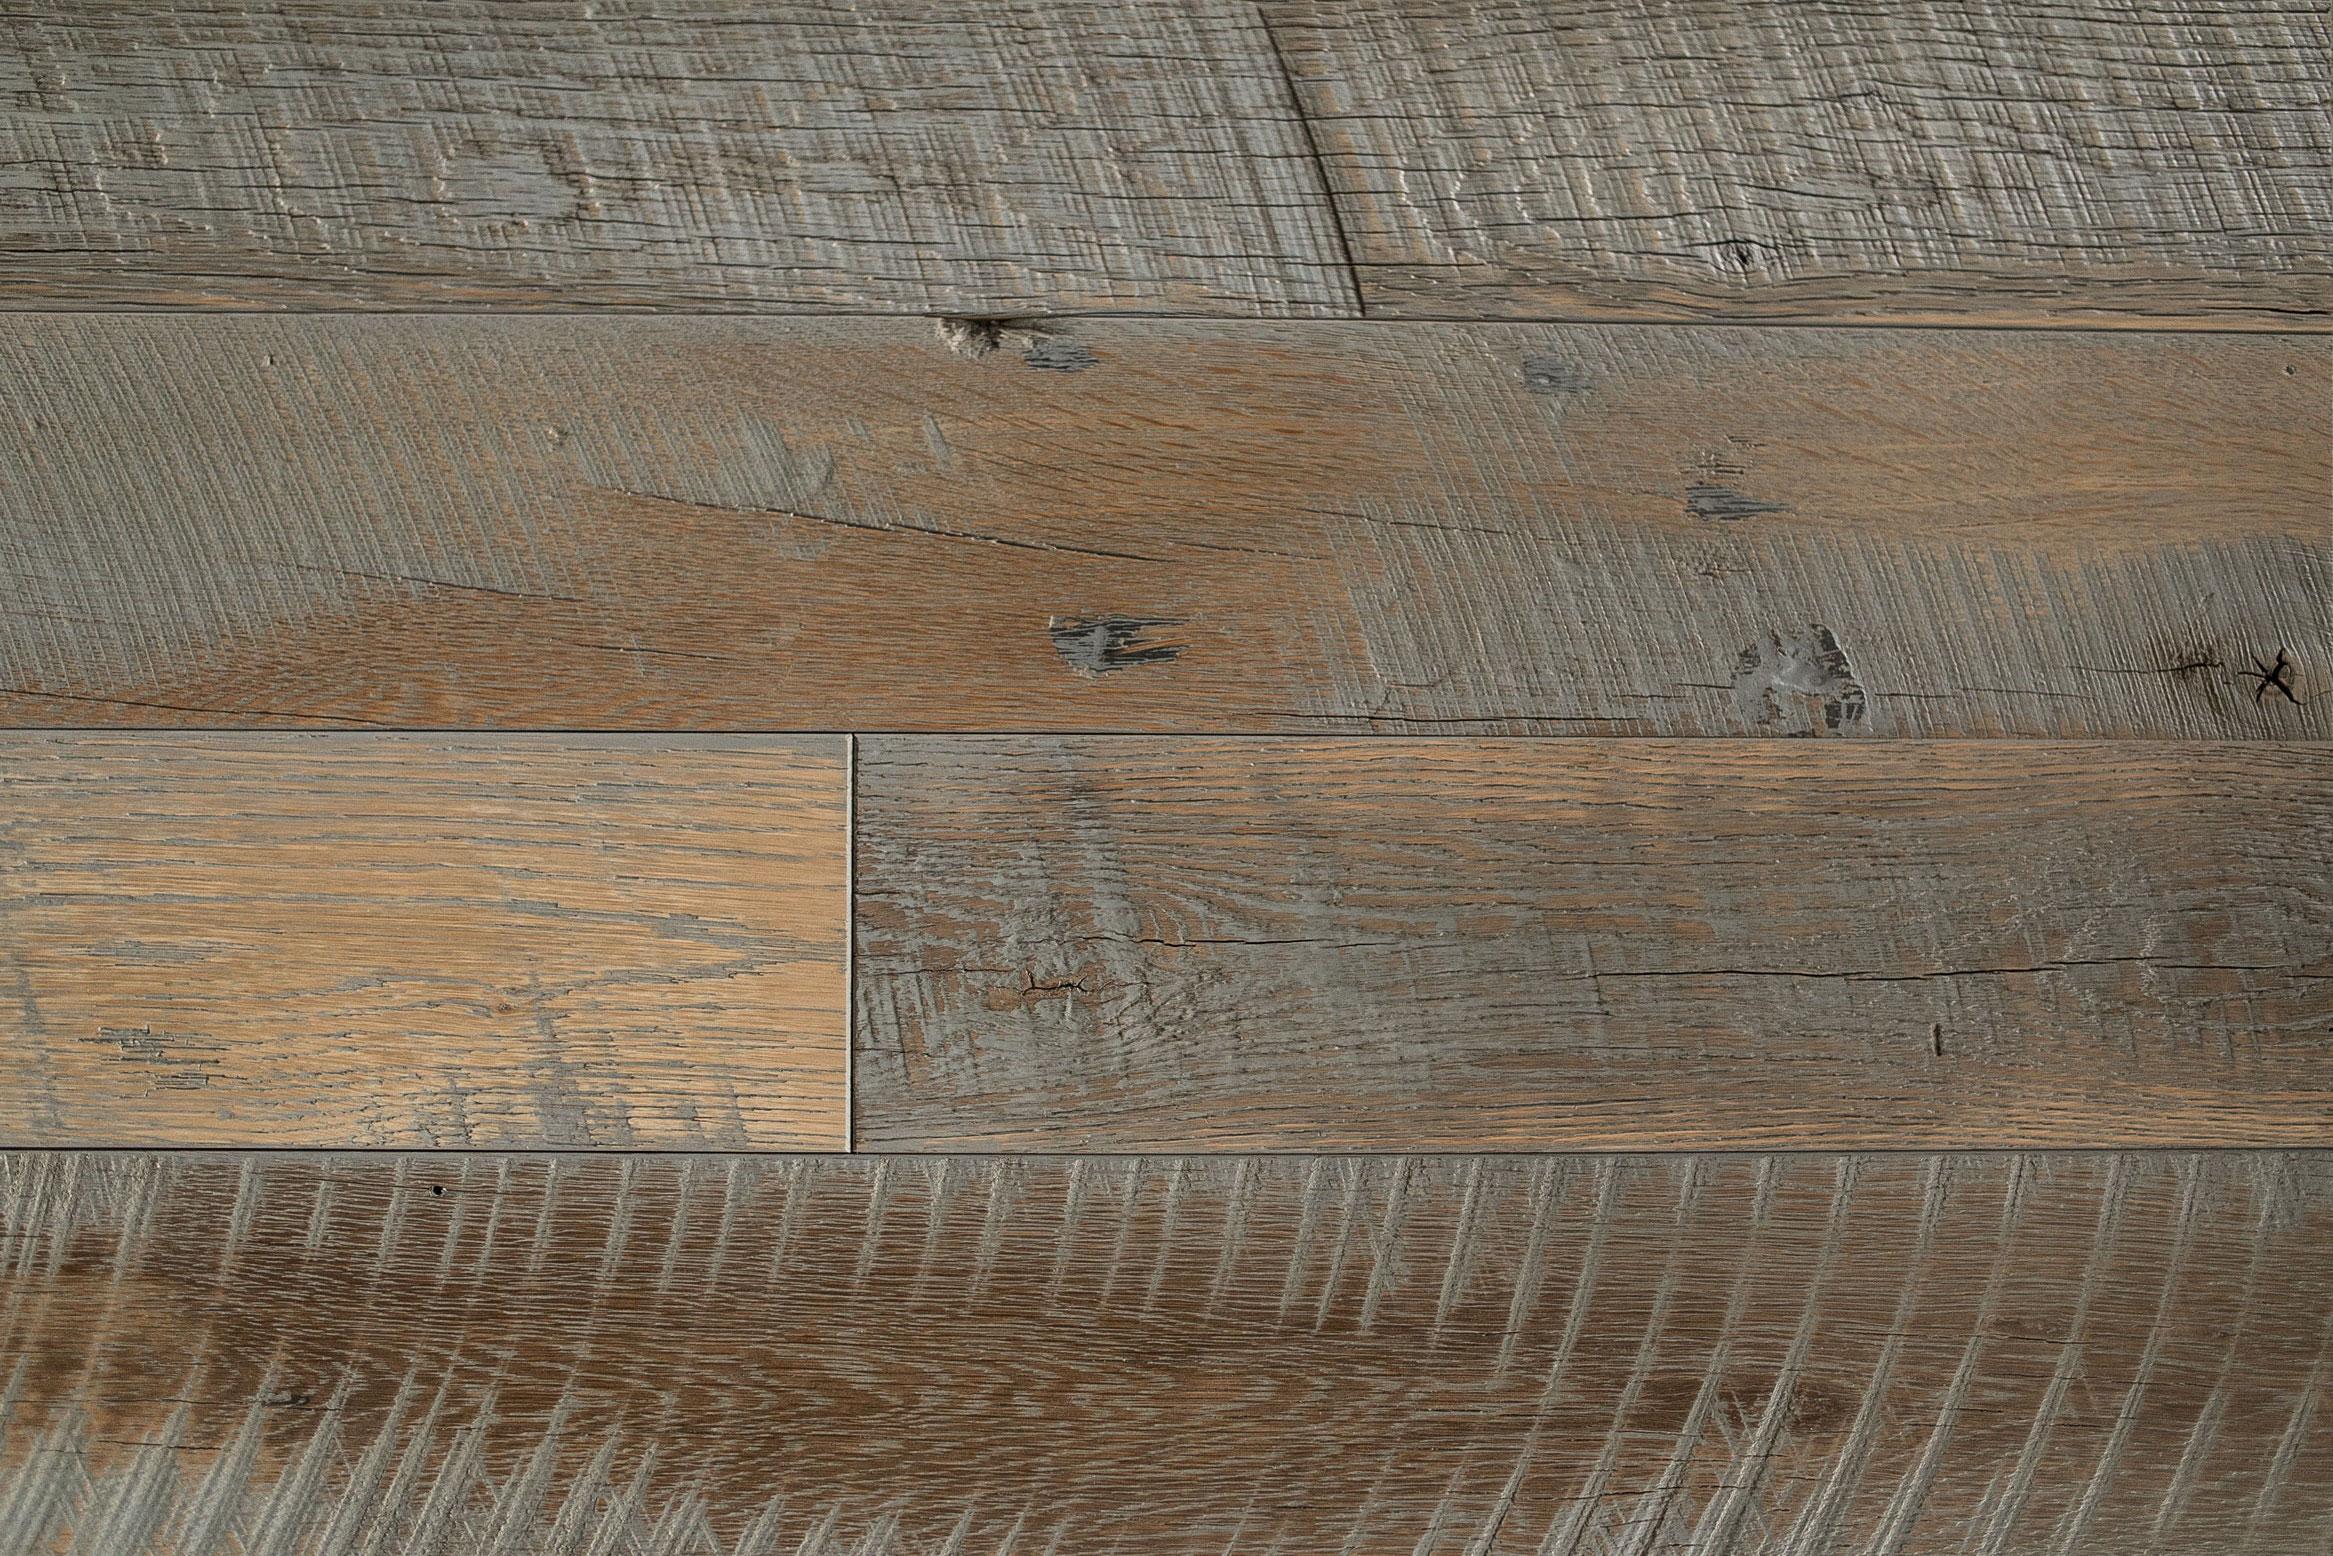 Stunning Custom Wood Ing Shaker By Lumber Made Usa Reclaimed Ing Barn Wood Ing Cochrans Wood Ing Images Wood Ing Tile houzz-03 Gray Wood Flooring